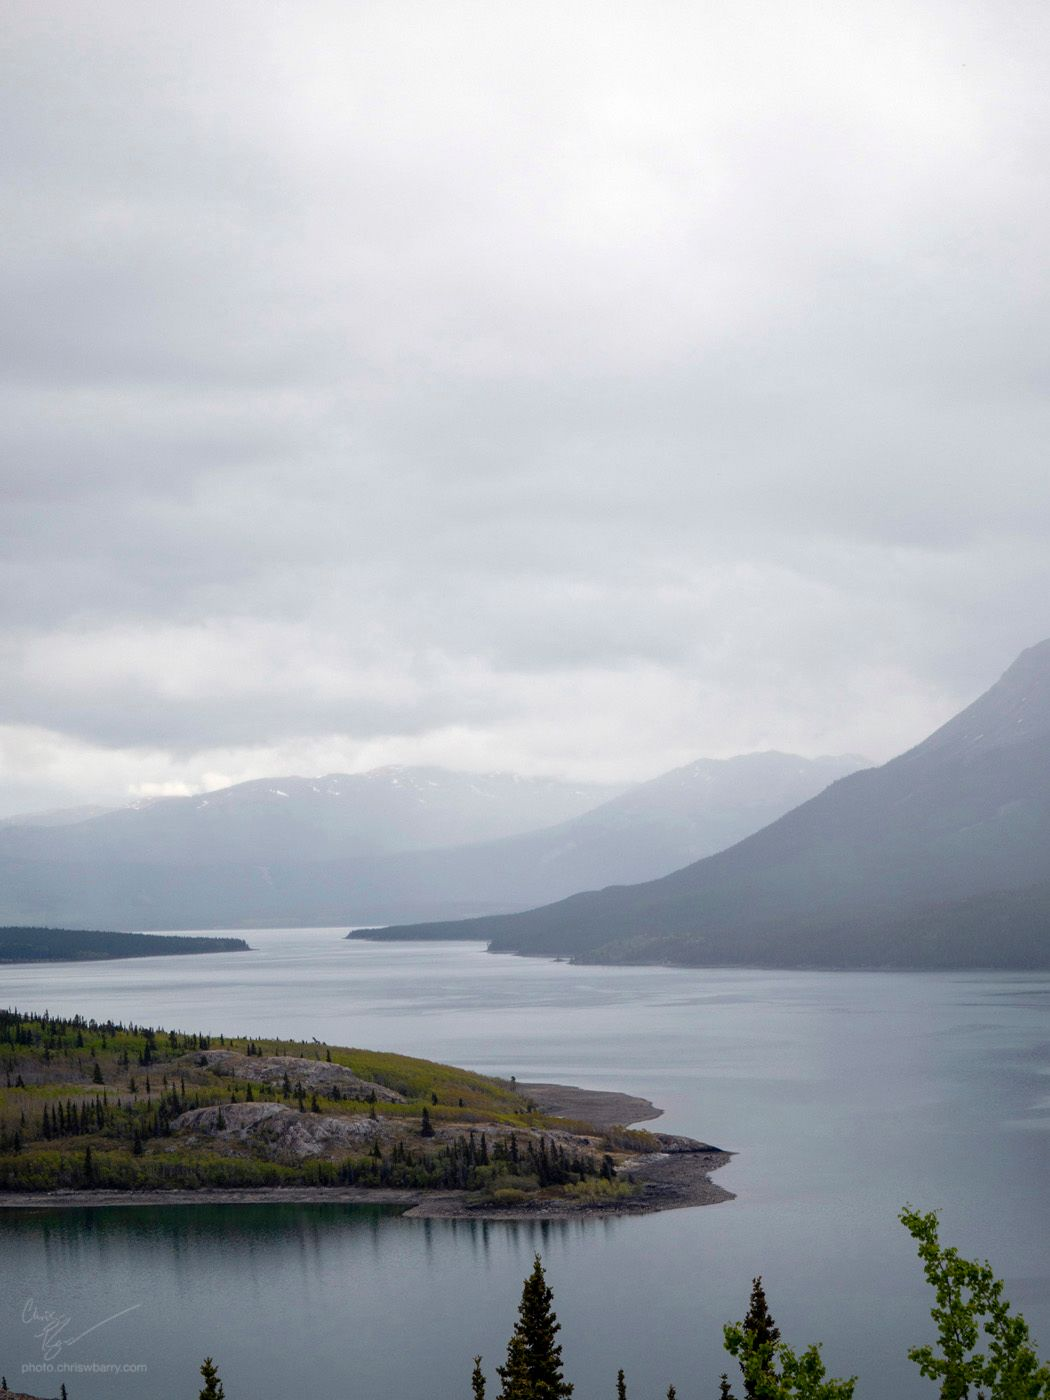 06-04-18: Alaska is Pretty